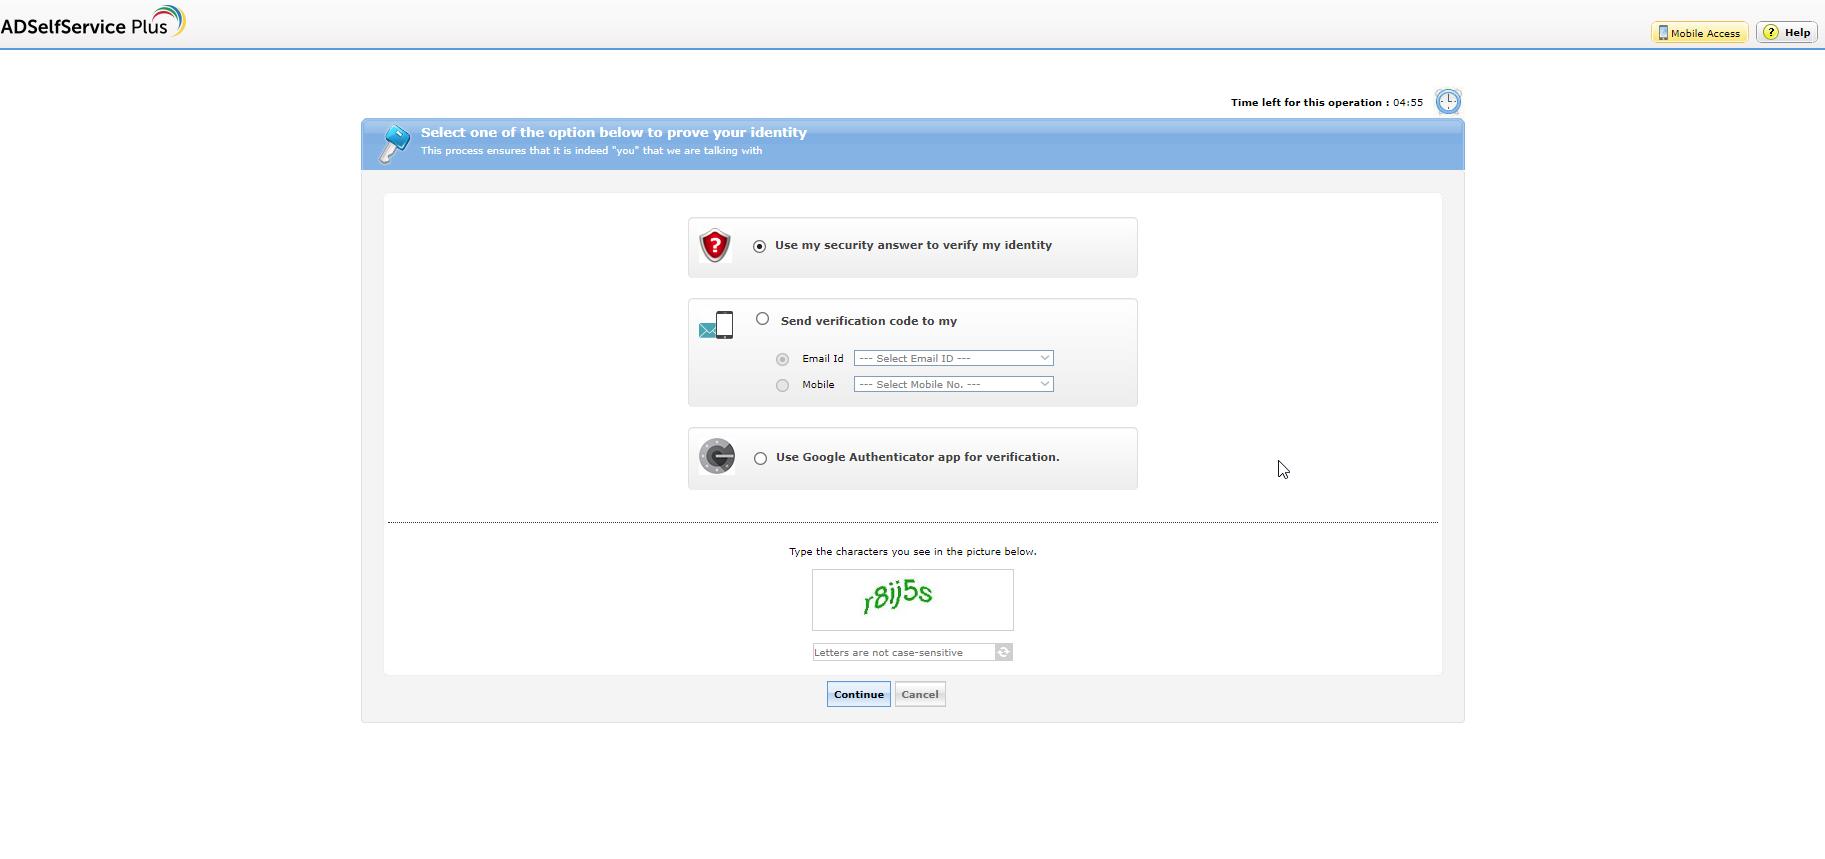 ADSelfService Plus Multi-factor authentication